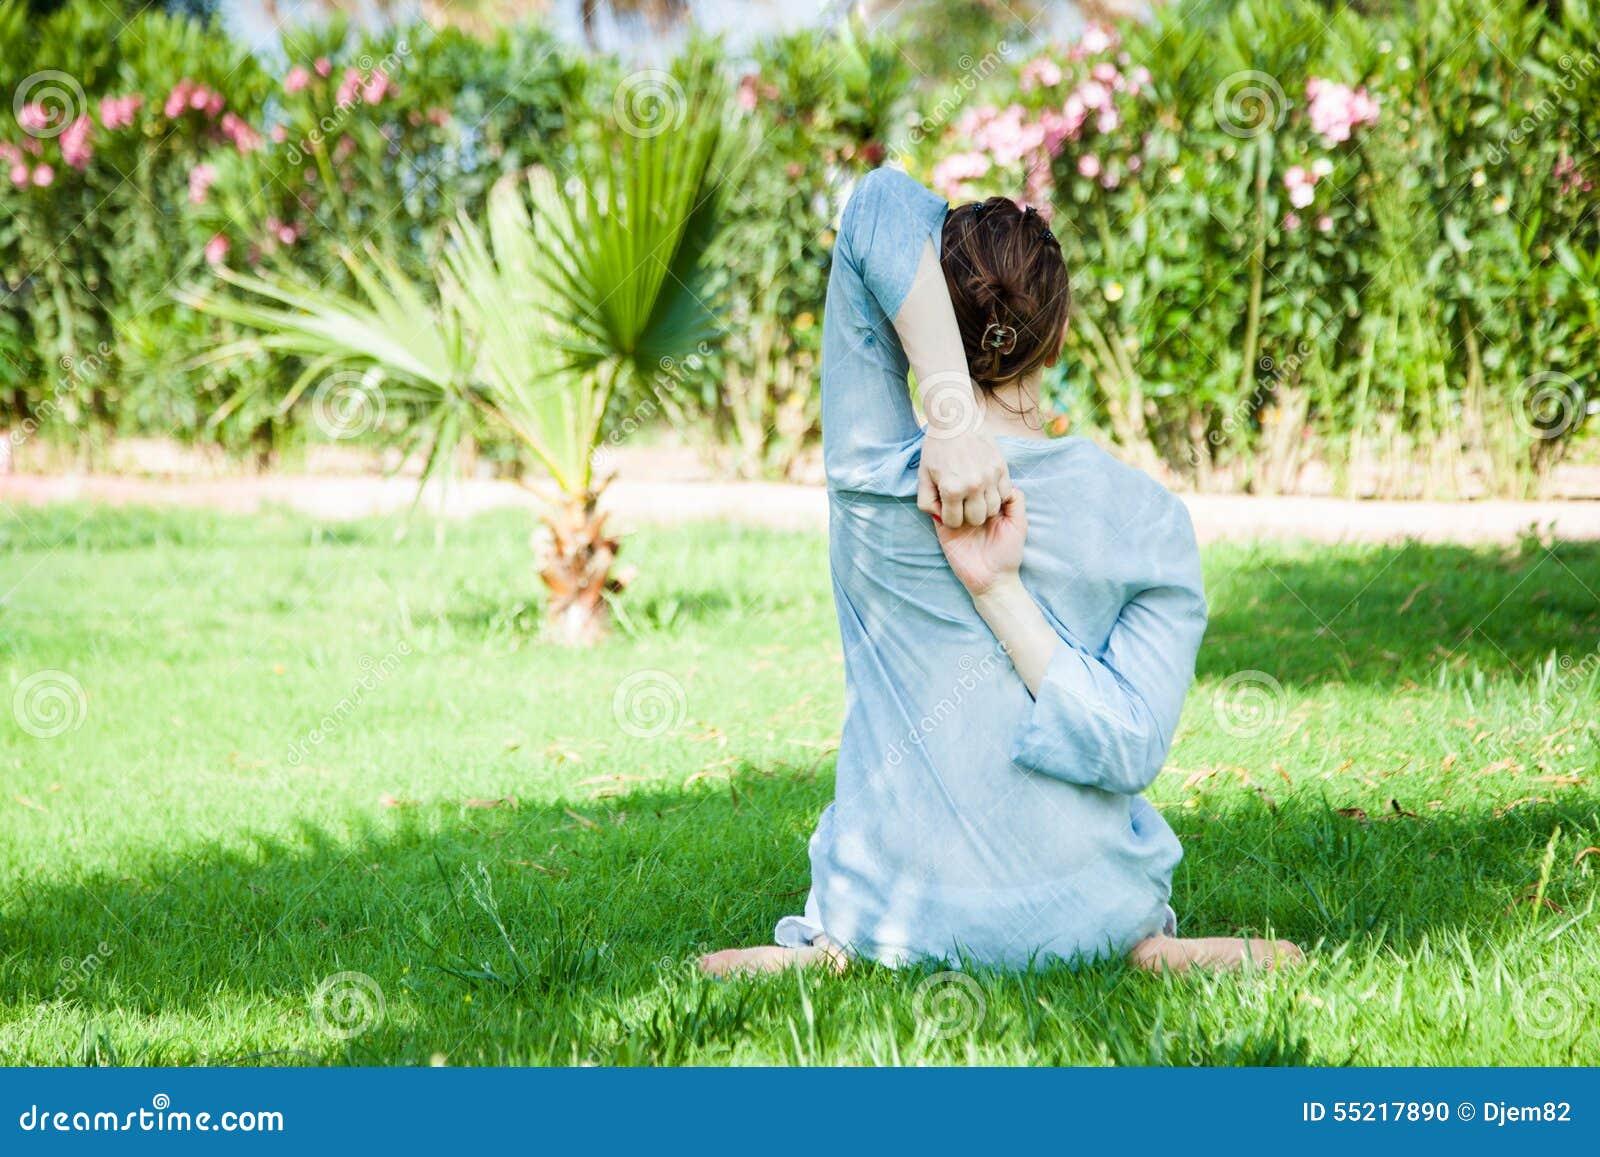 För sporttema för kobra utomhus- park skjuten yoga